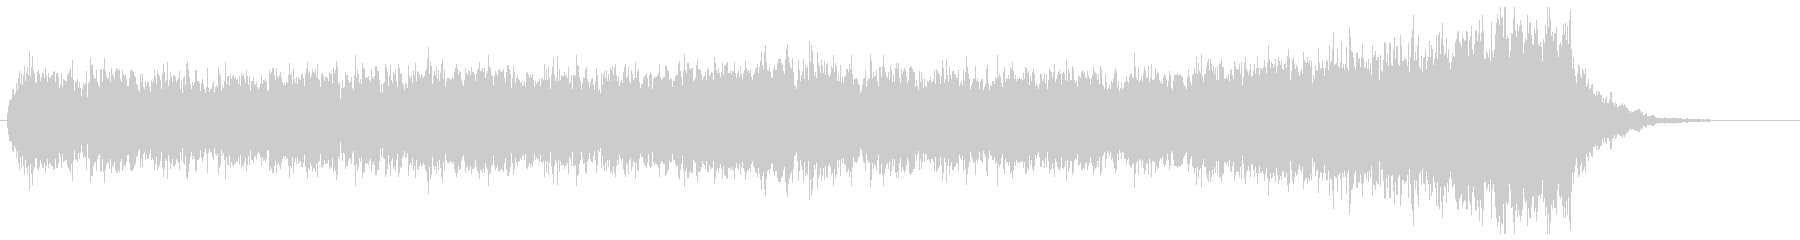 短調の旋律が美しいクワイア/コーラス曲の未再生の波形